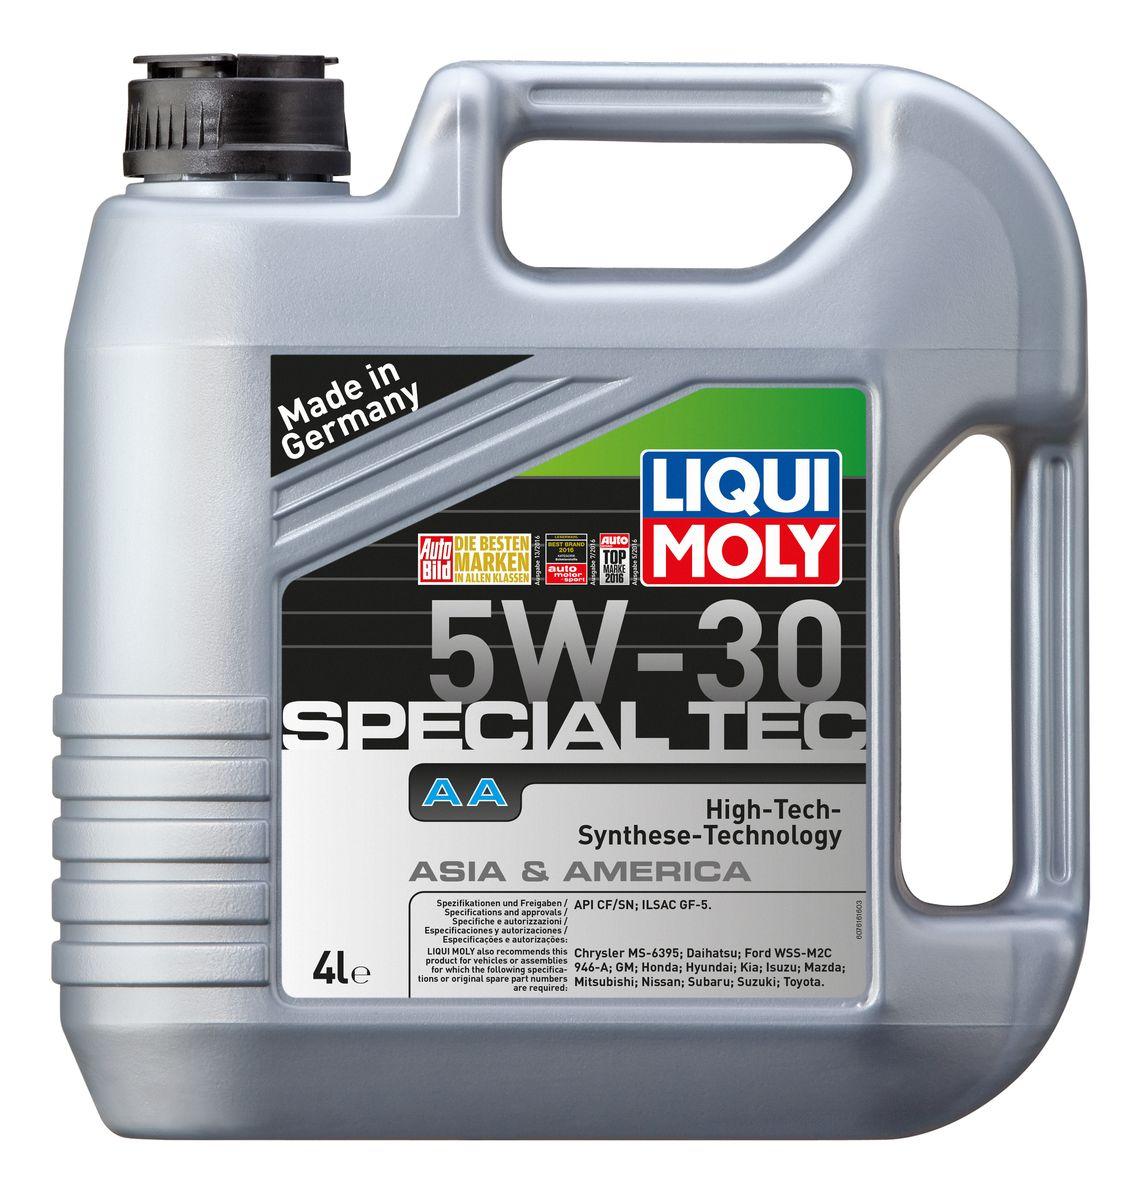 Масло моторное Liqui Moly Special Tec AA, НС-синтетическое, 5W-30, 4 л6280LKМасло моторное Liqui Moly Special Tec AA рекомендуется для автомобилей Honda, Mazda, Mitsubishi, Nissan, Daihatsu, Hyundai, Kia, Isuzu, Suzuki, Toyota, Subaru, Ford, Chrysler, GM. Современное HC-синтетическое энергосберегающее моторное масло специально разработано для всесезонного использования в большинстве двигателей современных американских и азиатских бензиновых автомобилей. Базовые масла, полученные по технологии синтеза, и новейшие присадки составляют рецептуру моторного масла с отменной защитой от износа, снижающего расход топлива и масла, обеспечивающего чистоту двигателя и максимально быстрое поступление к трущимся деталям. Особенности: - Быстрое поступление масла ко всем деталям двигателя при низких температурах- Высочайшие показатели топливной экономии- Сокращает эмиссию выхлопных газов- Отличная чистота двигателя- Совместимо с новейшими системами нейтрализации отработавших газов бензиновых двигателей- Высокая защита от износа и надежность смазывания- Очень низкие потери масла на испарениеМоторное масло Special Tec АА 5W-30 соответствует специальным требованиям азиатских и американских производителей, поэтому его использование позволяет сохранить все гарантийные условия при прохождении ТО соответствующих автомобилей. Допуск: -API: SN/CF-ILSAC: GF-5